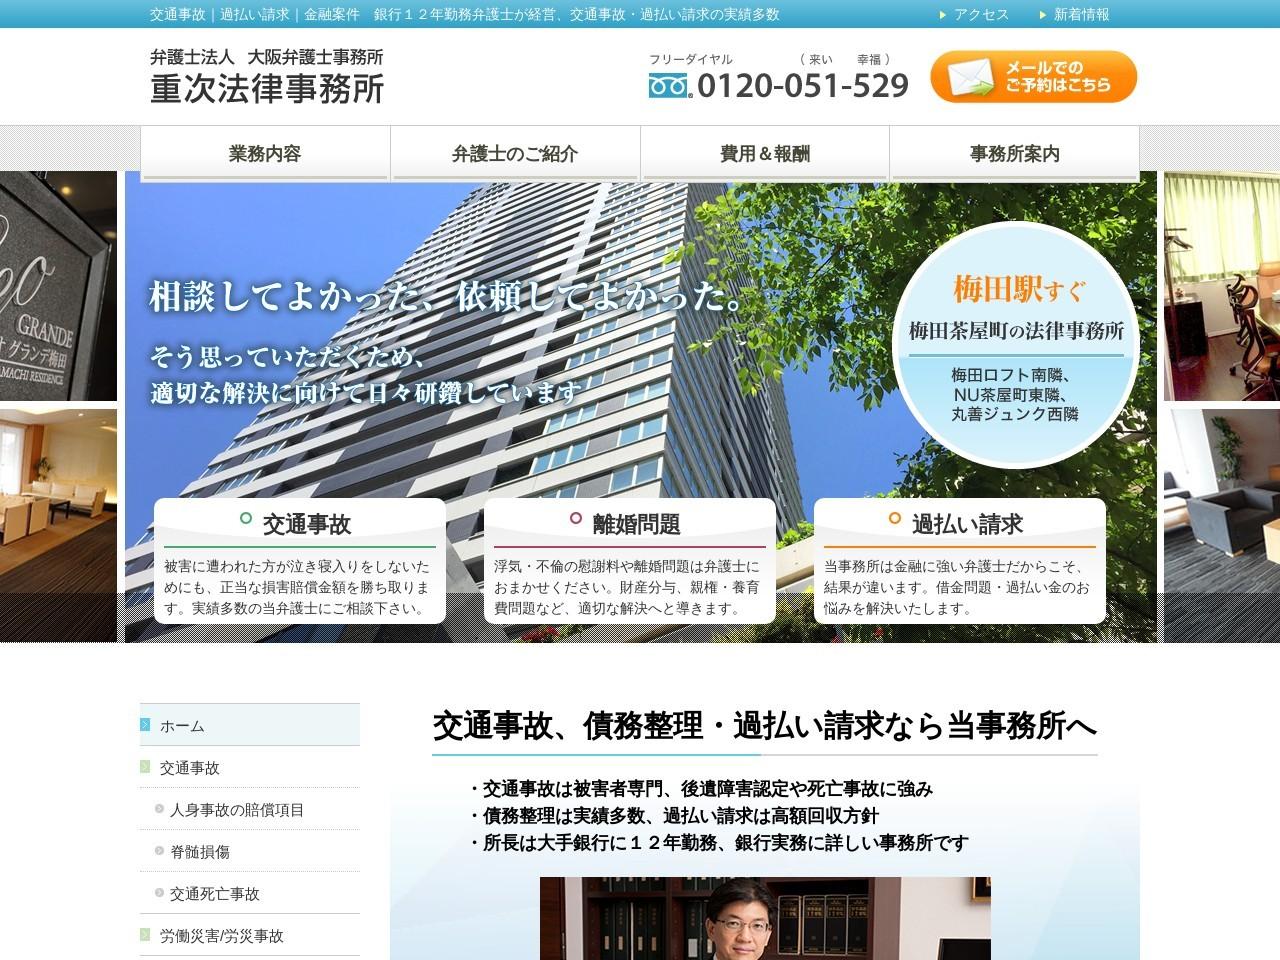 大阪弁護士事務所(弁護士法人)重次法律事務所